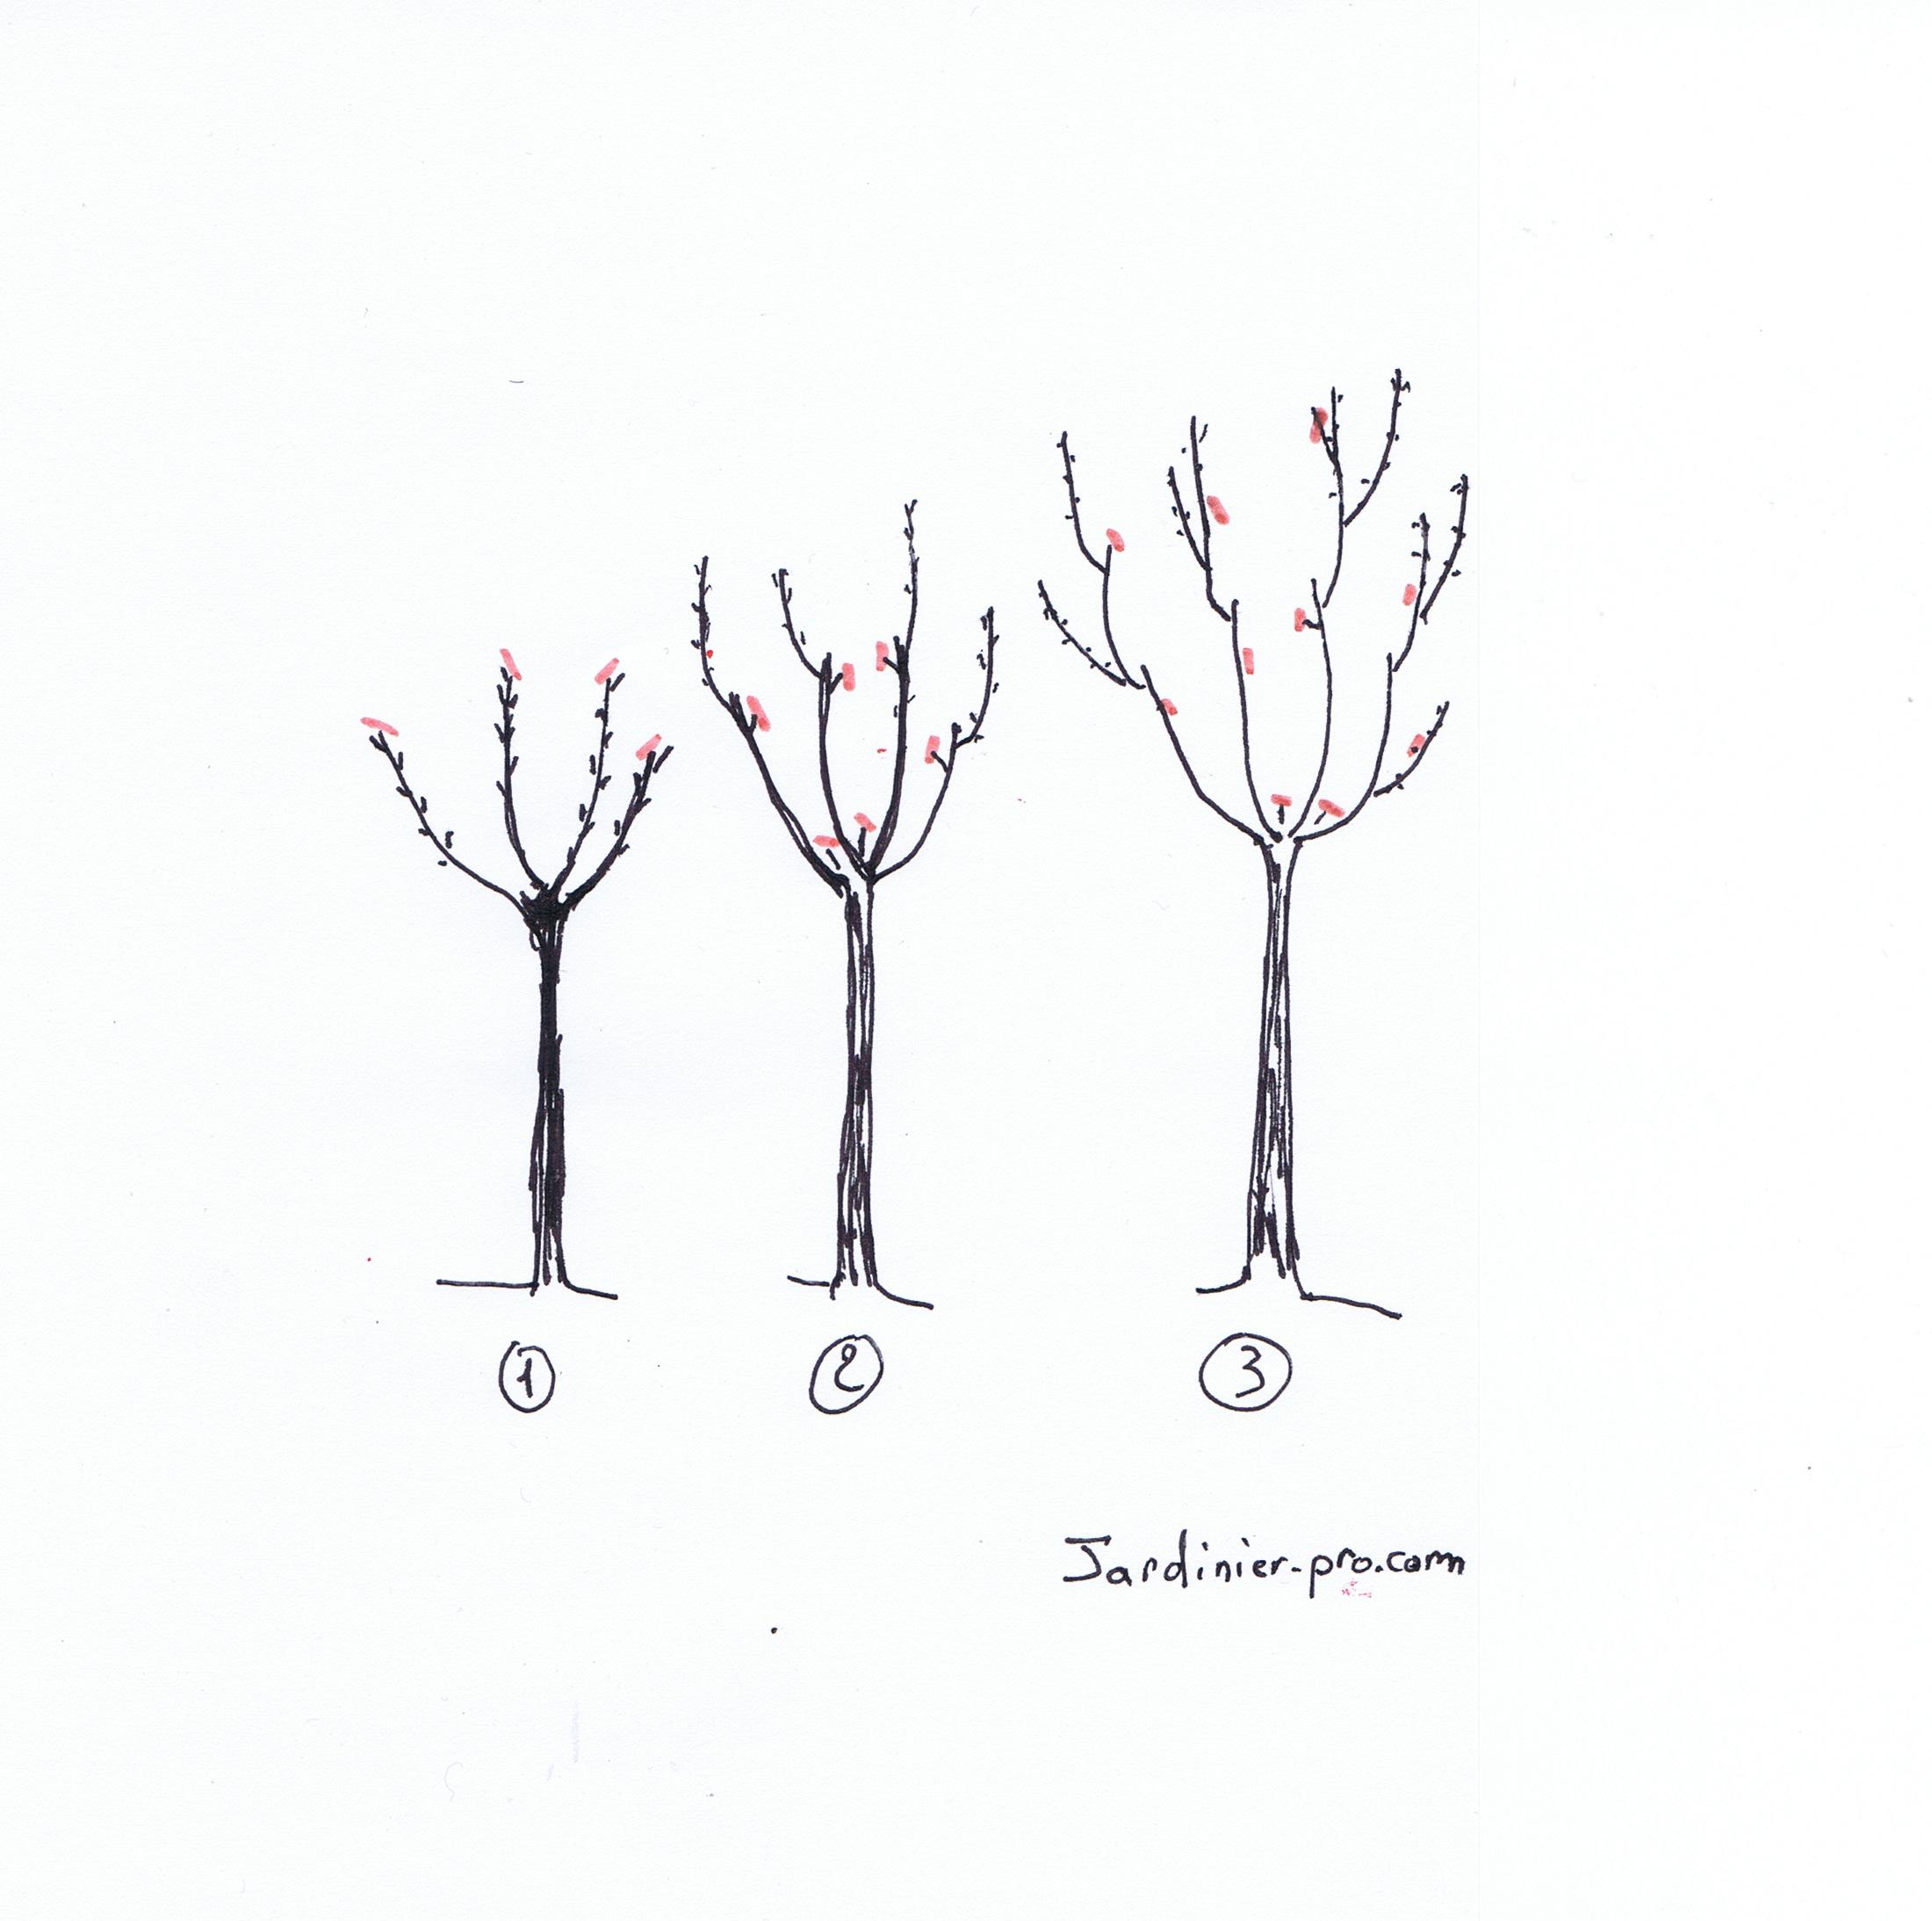 Cerisier du japon croissance du japon et des fleurs - Taille des lauriers fleurs ...